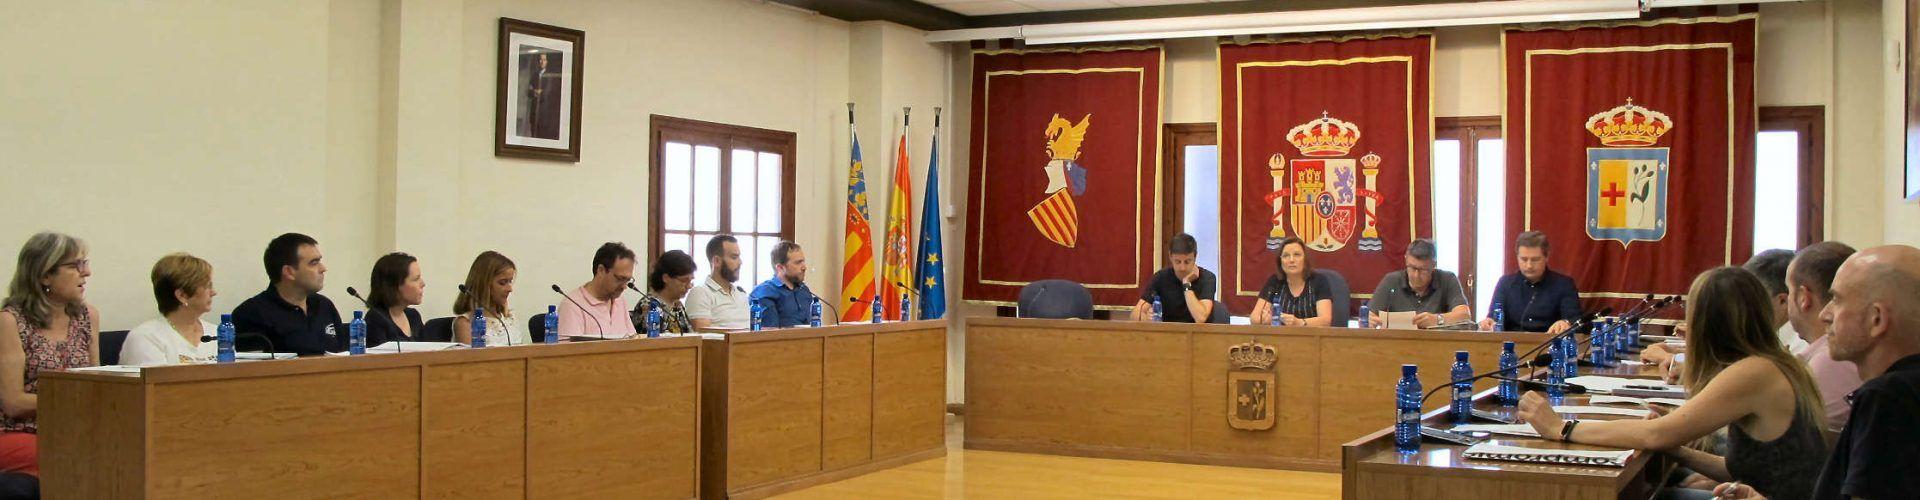 El Ple de Benicarló aprova les delegacions, retribucions i dedicacions exclusives i parcials